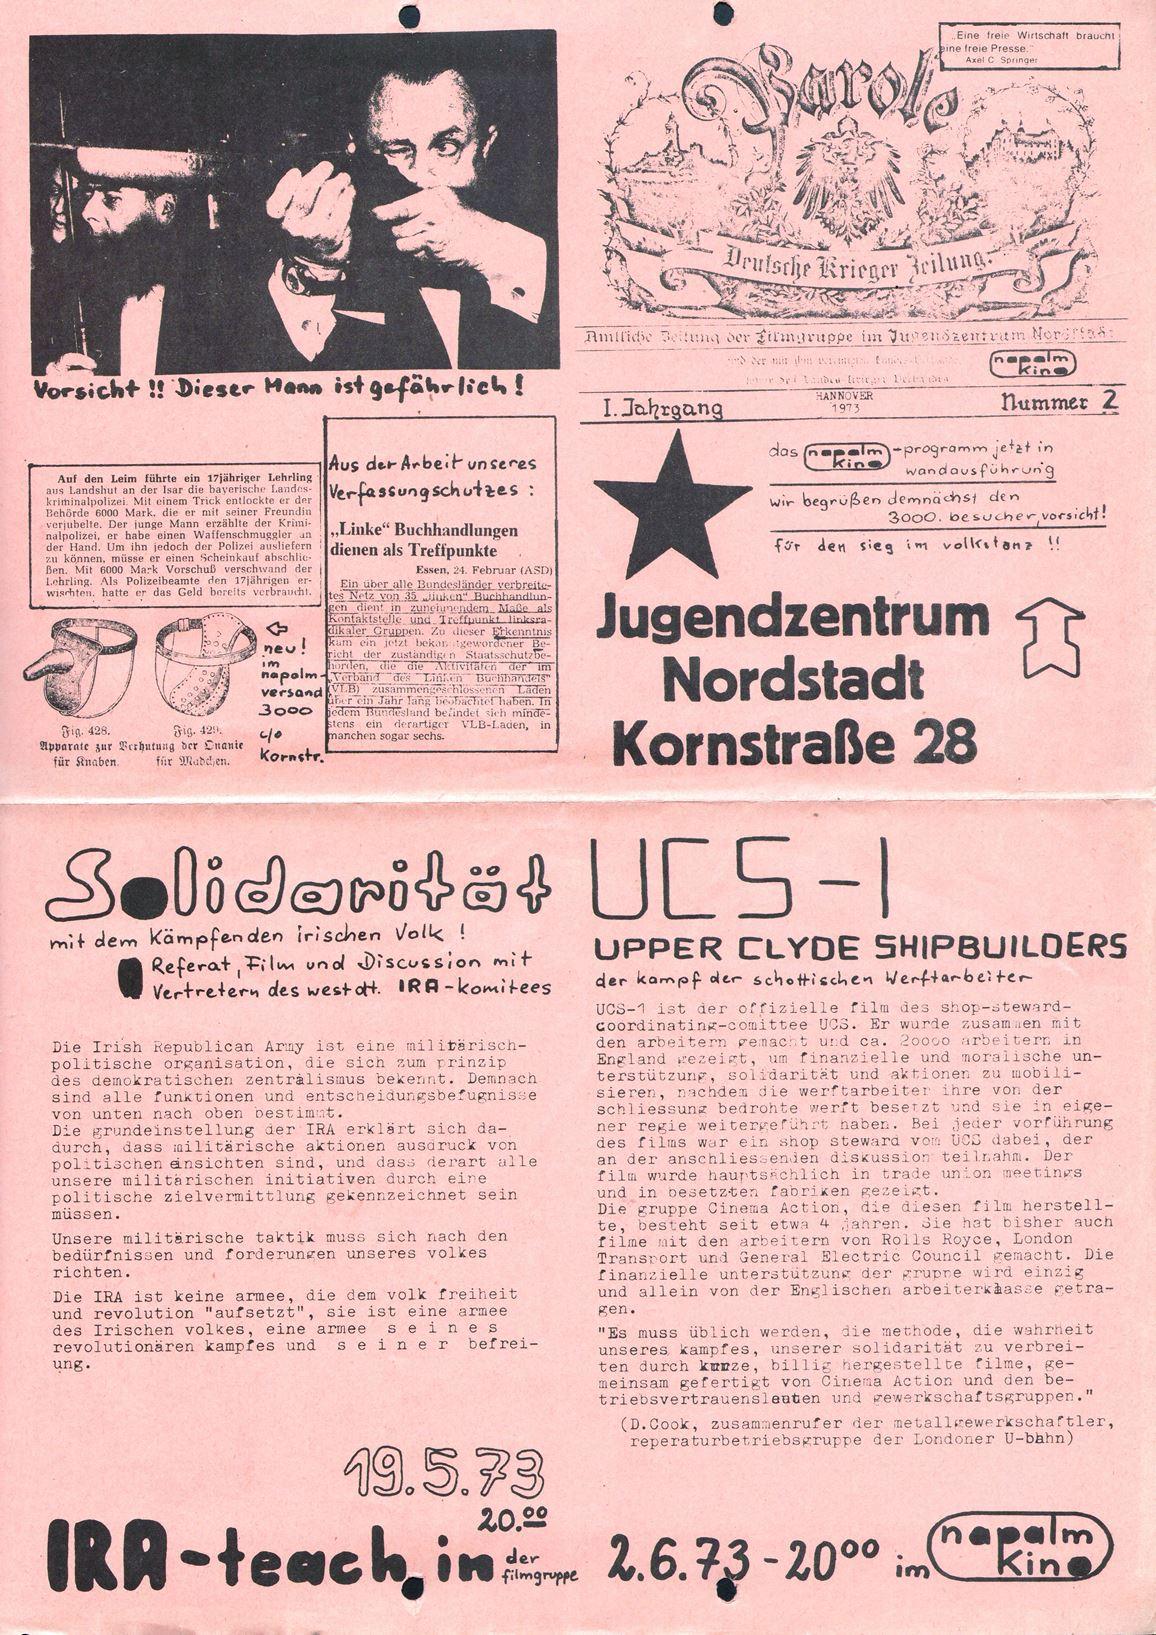 Hannover_Korn023